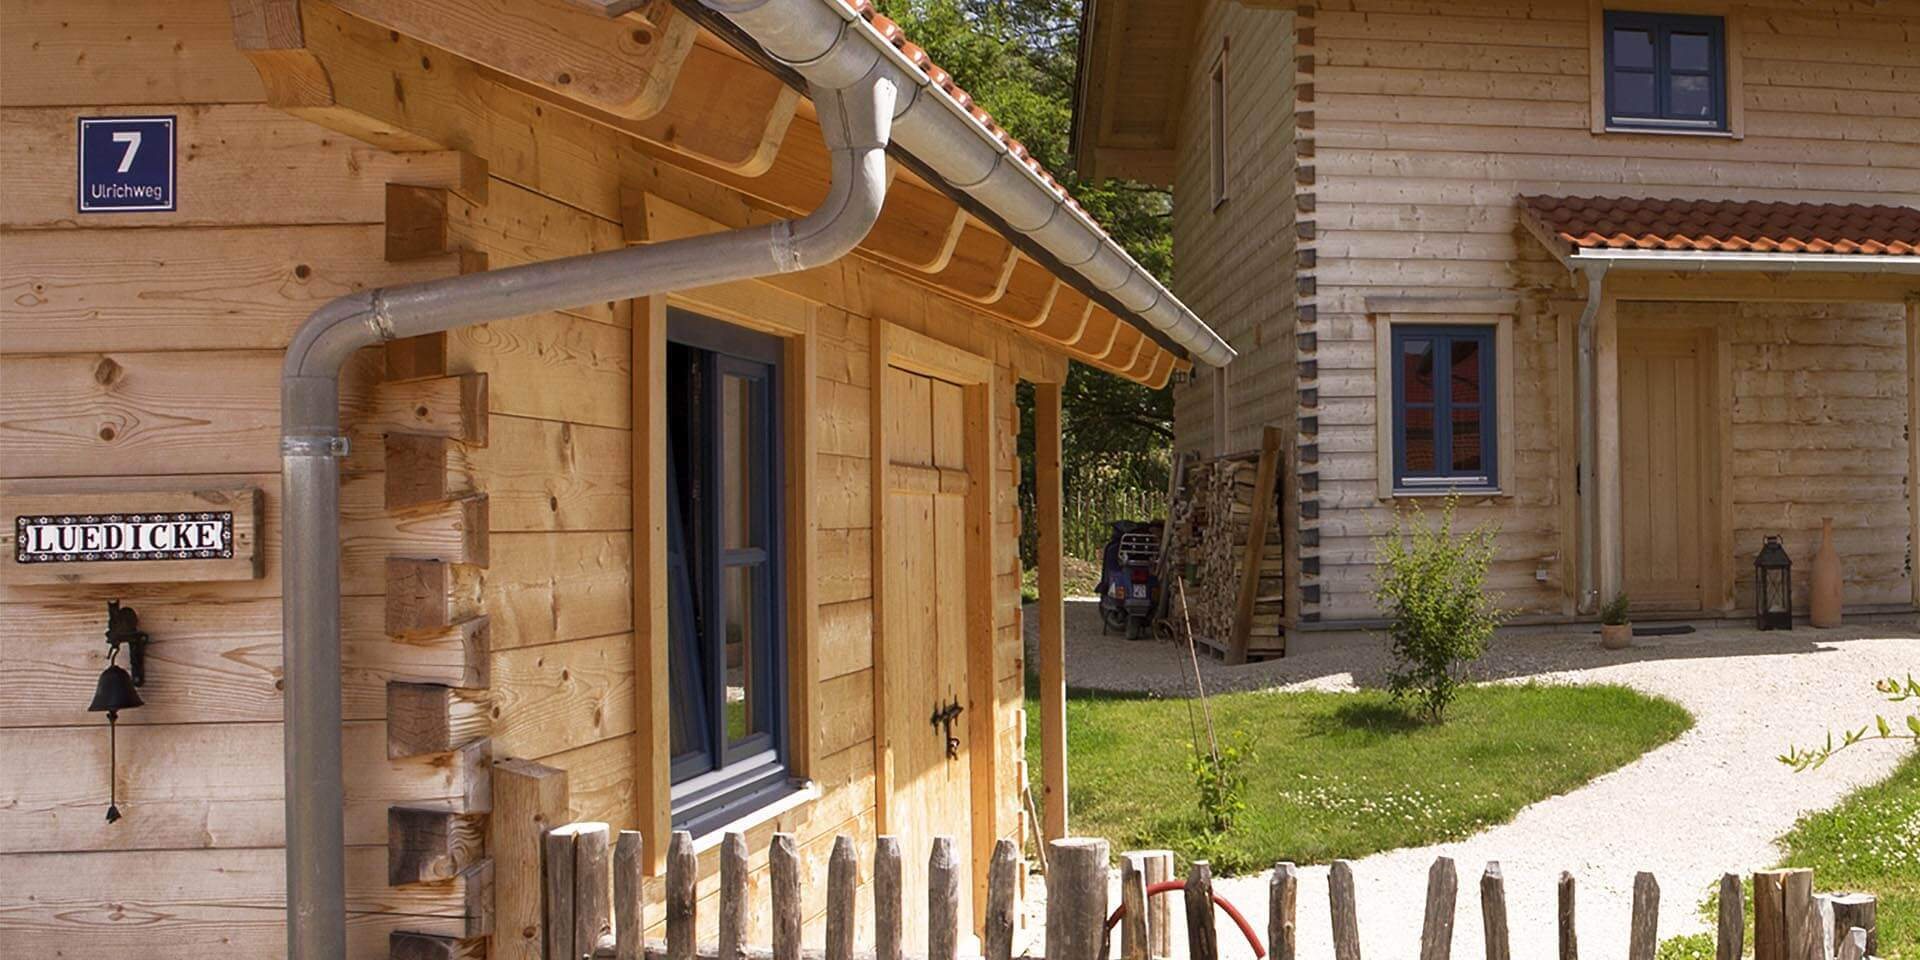 Full Size of Garten Holzhaus Gartenhaus Konfigurator Individuelles Selber Planen Kandelaber Pavillon Trennwand Lounge Möbel Holzbank Kinderschaukel Pool Im Bauen Schaukel Garten Garten Holzhaus